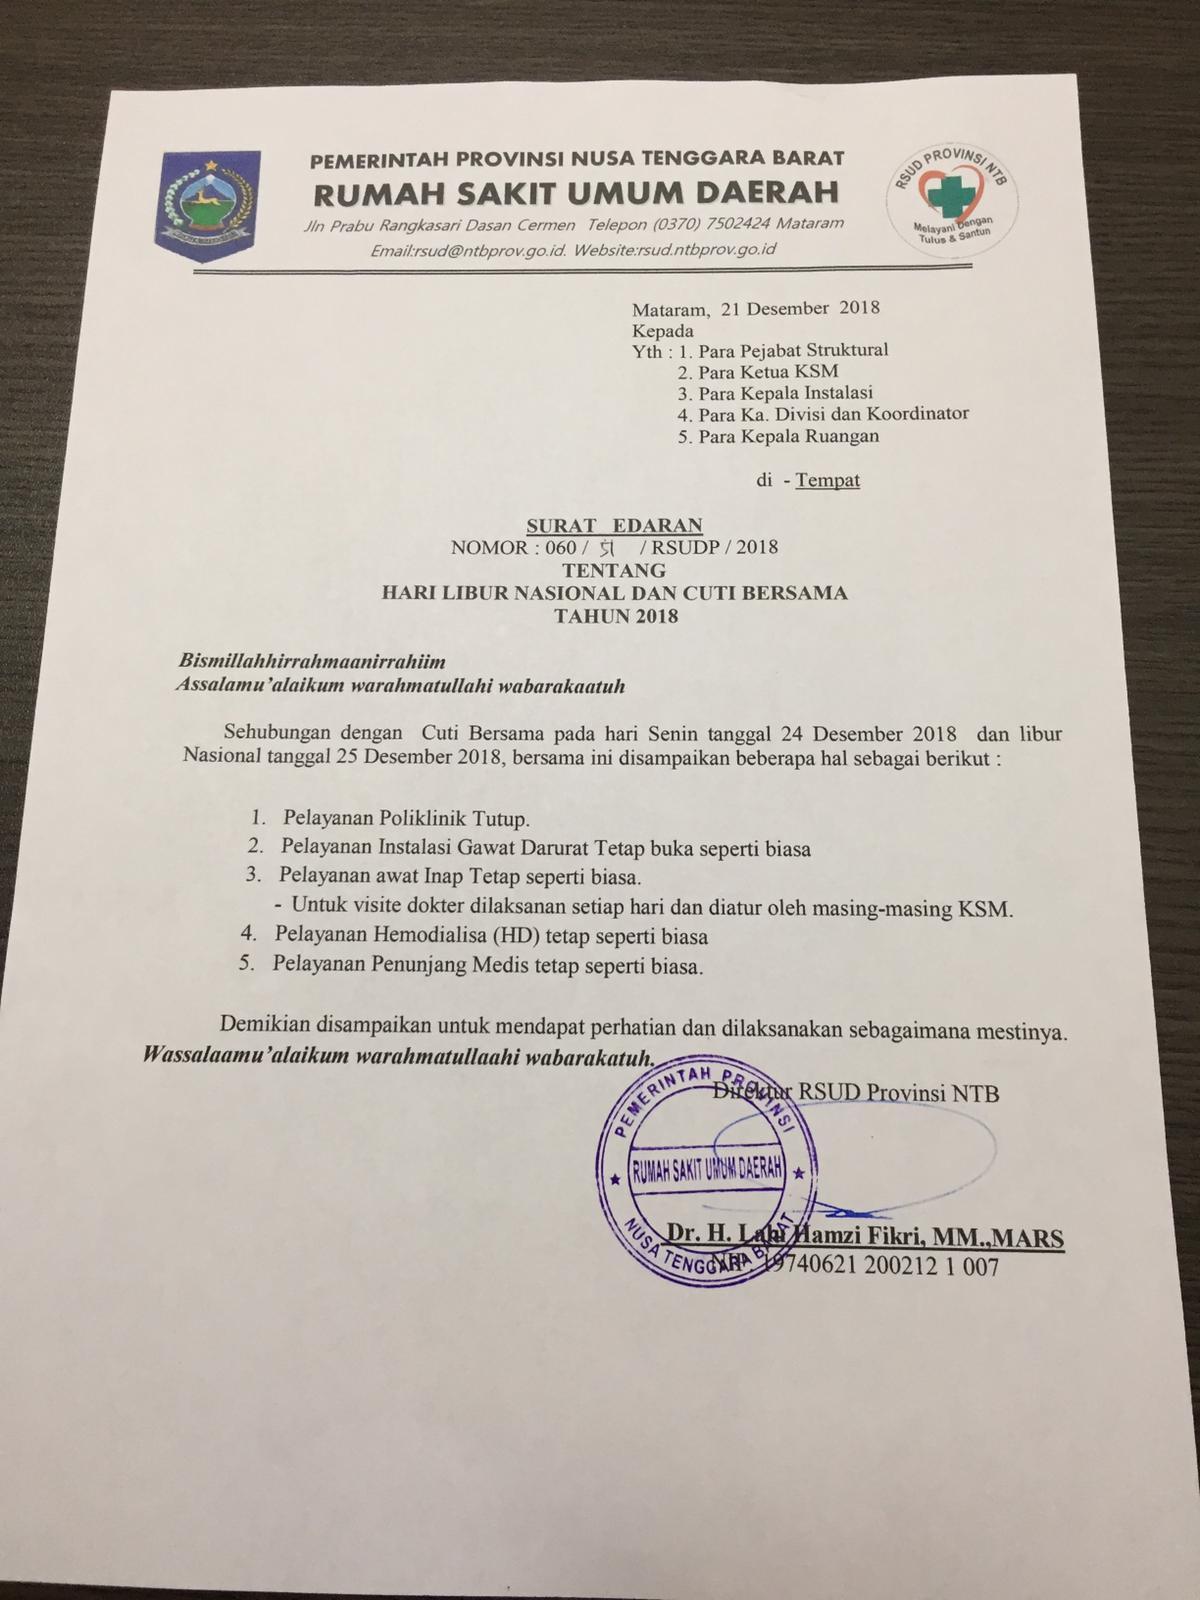 SURAT EDARAN TENTANG HARI LIBUR NASIONAL DAN CUTI BERSAMA NATAL TAHUN 2018